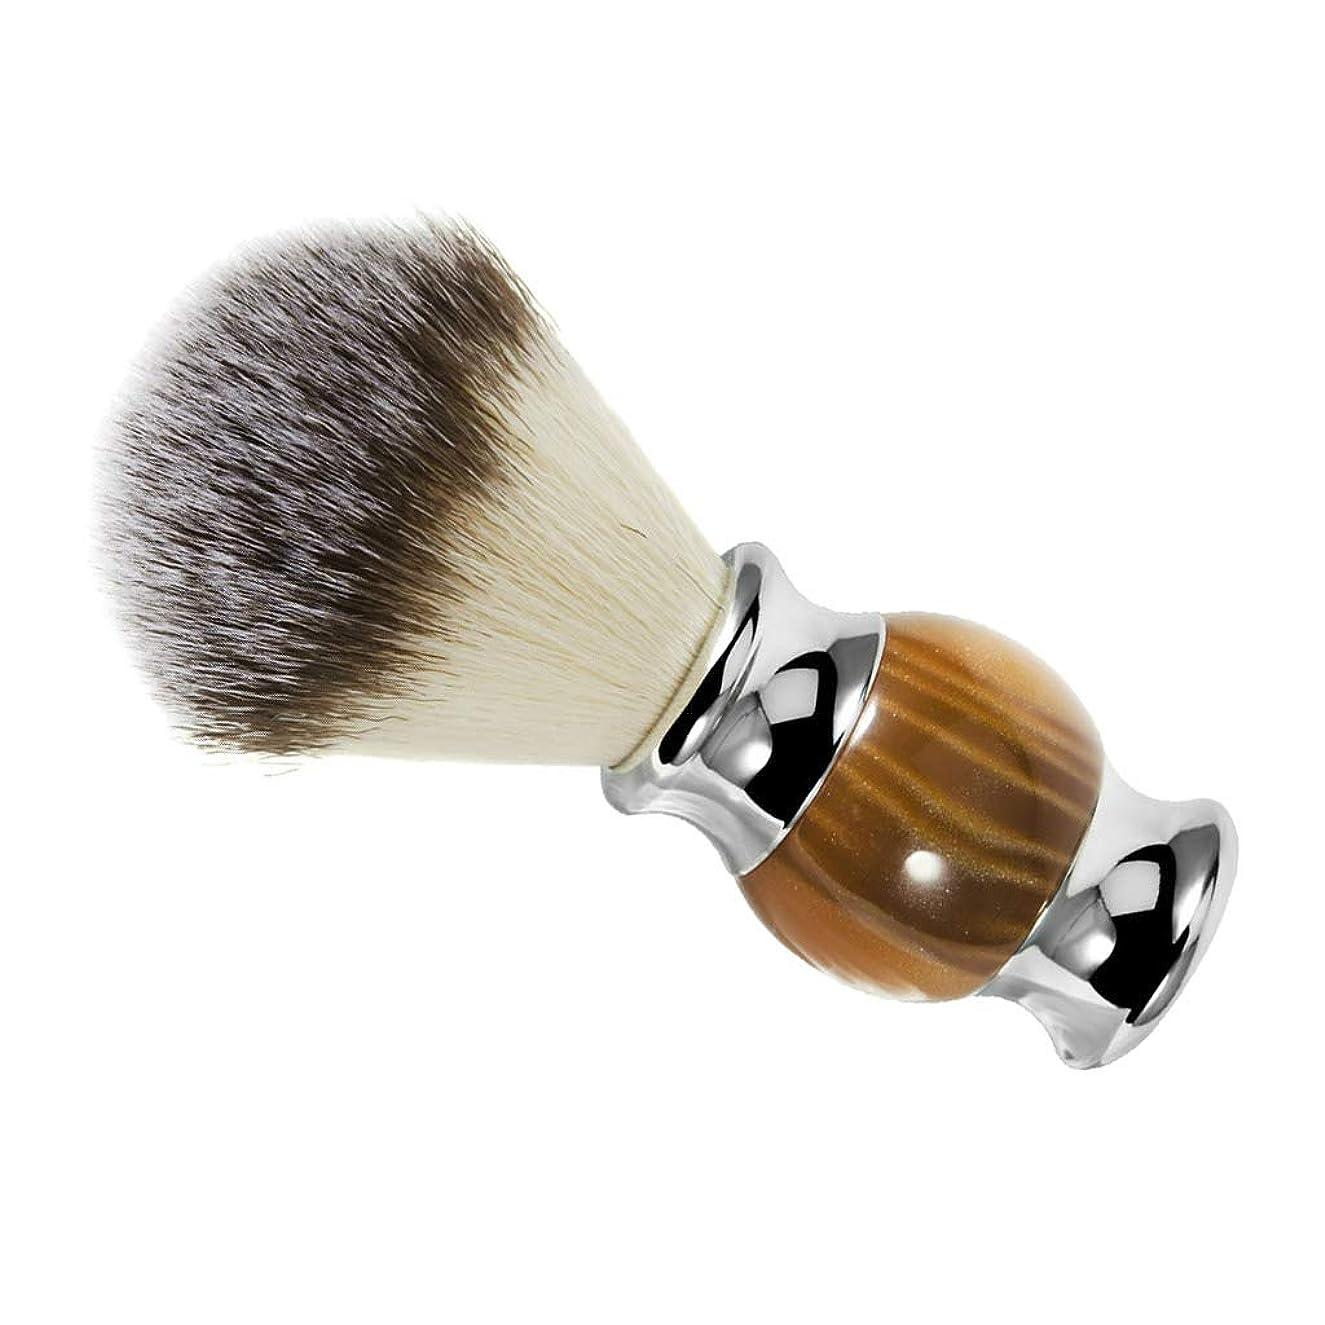 賠償魔女発生sharprepublic シェービングブラシ メンズ ひげ剃りブラシ ひげ剃り 髭剃り 父の日ギフト サロンツール